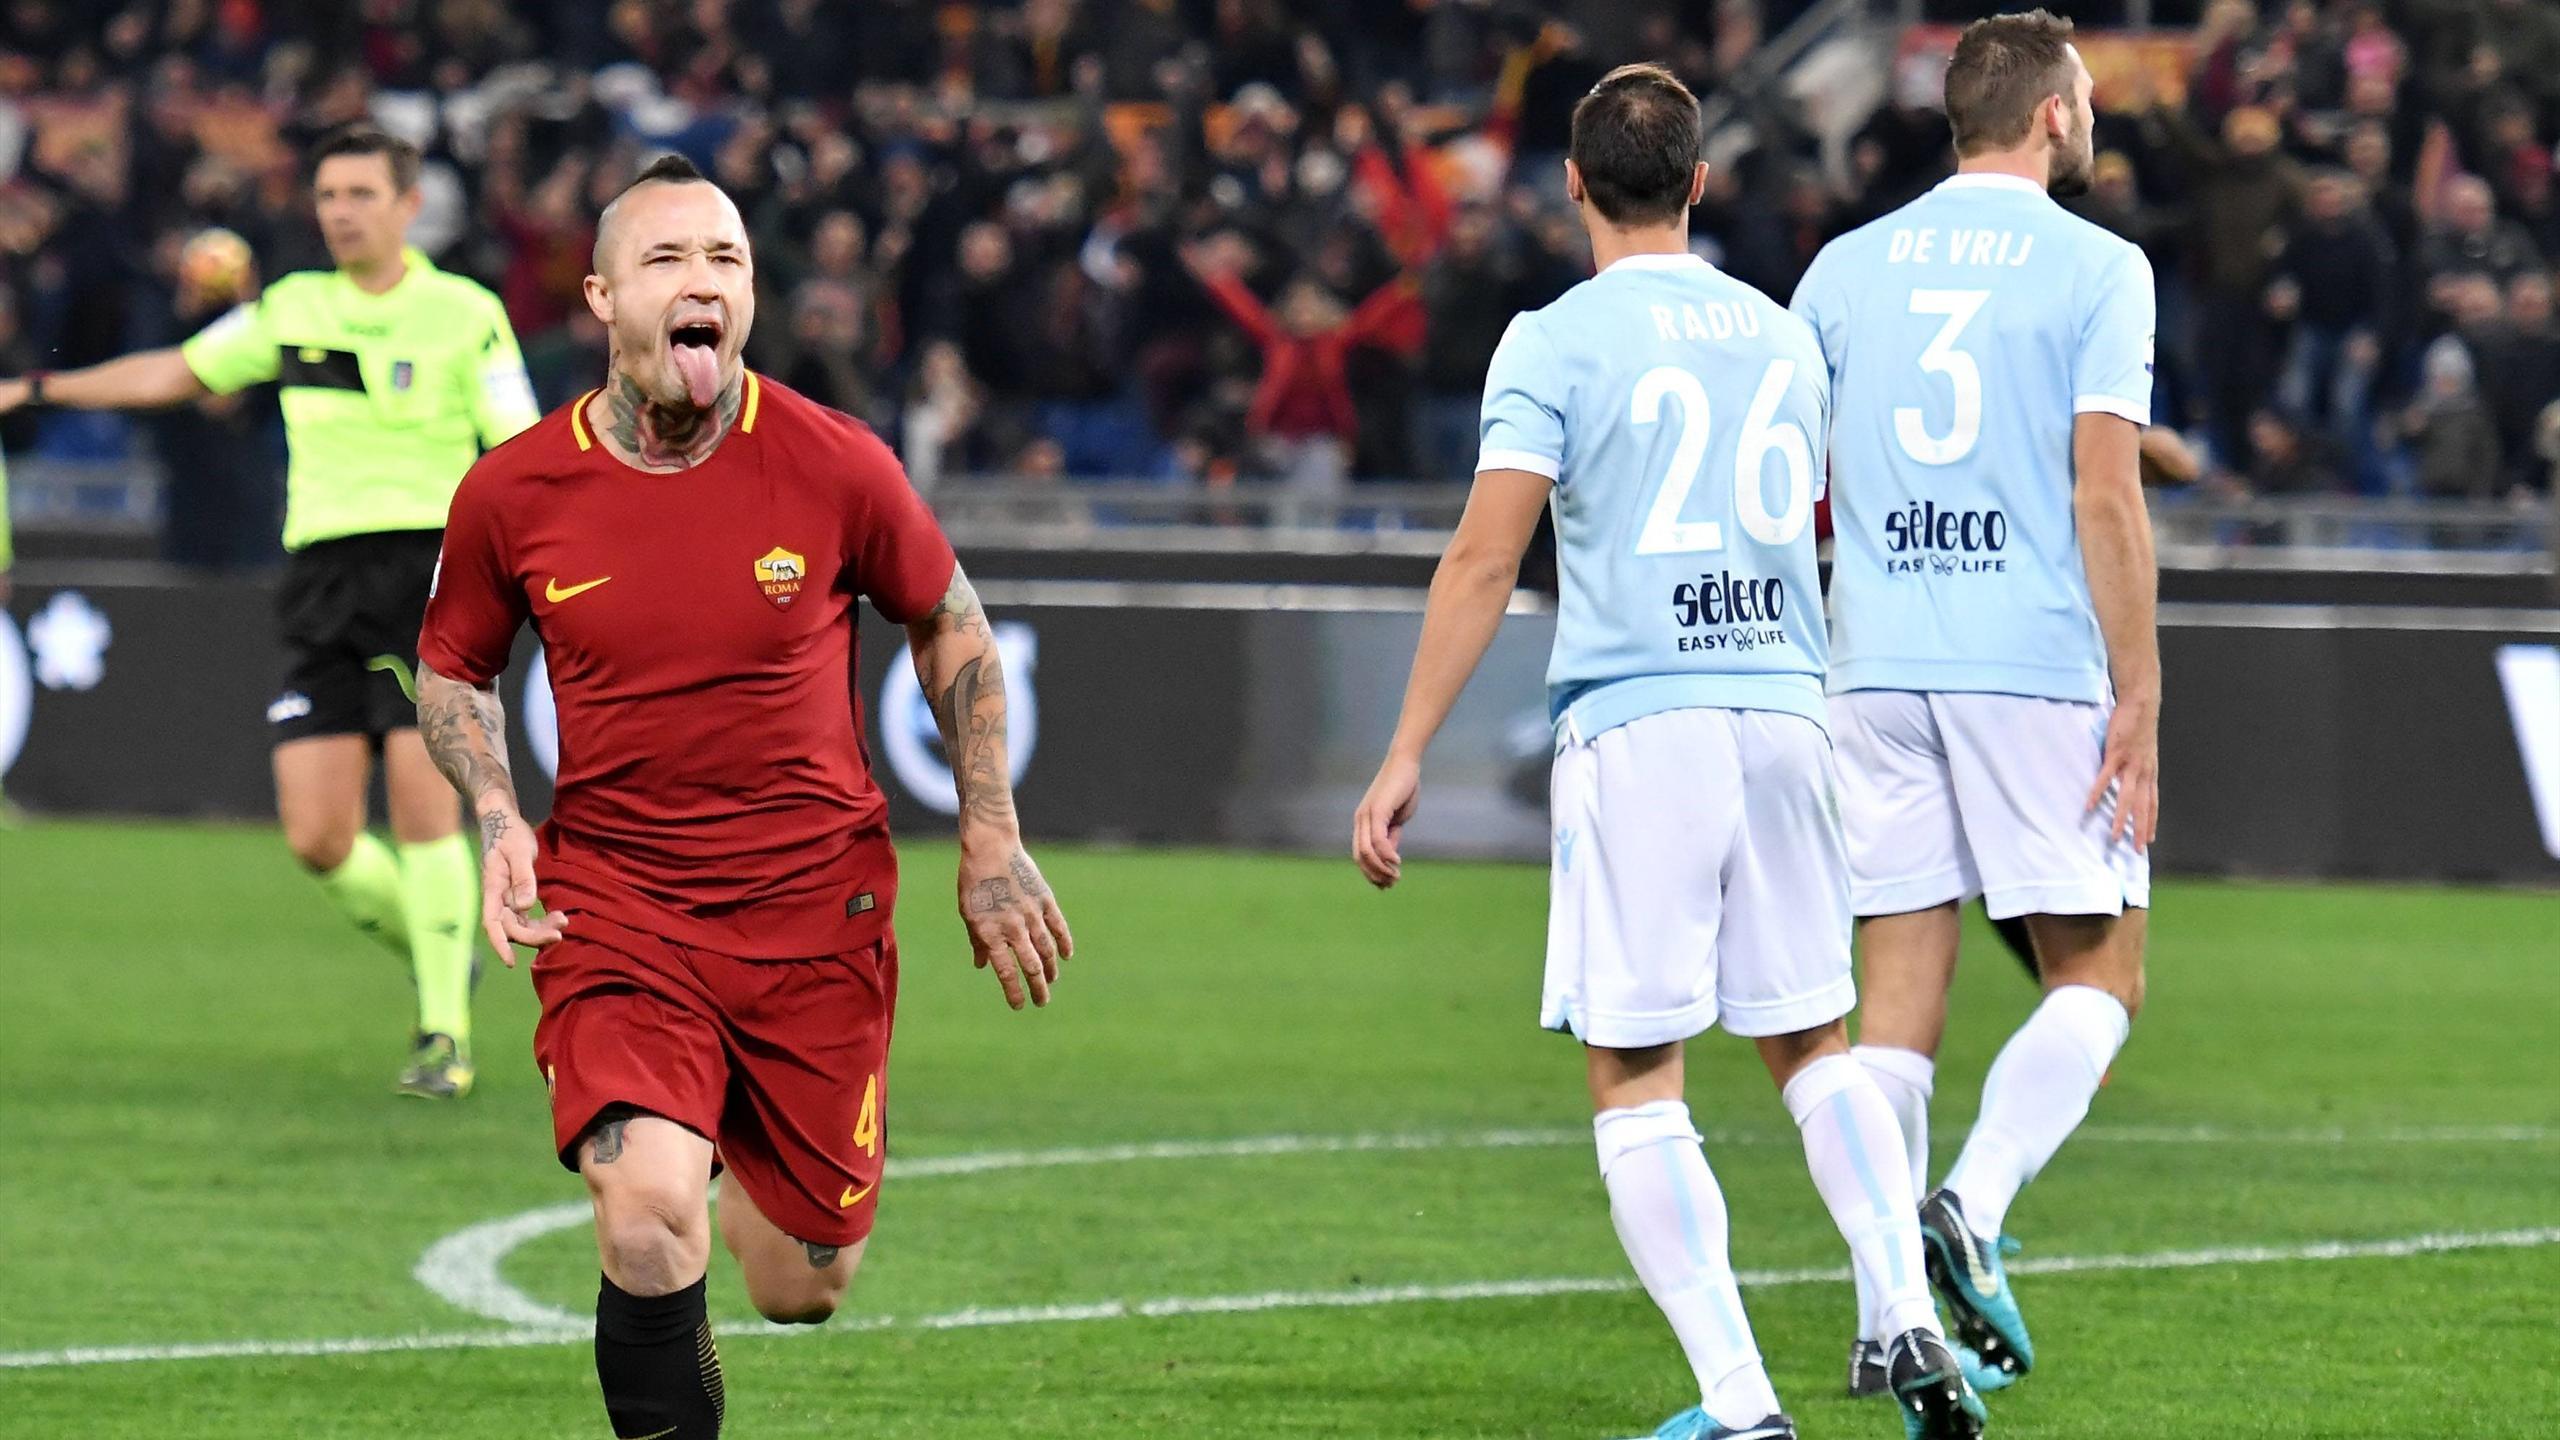 Derby E Sorpasso: La Roma Vince 2-1 Con Perotti E Nainggolan E Supera La Lazio In Classifica